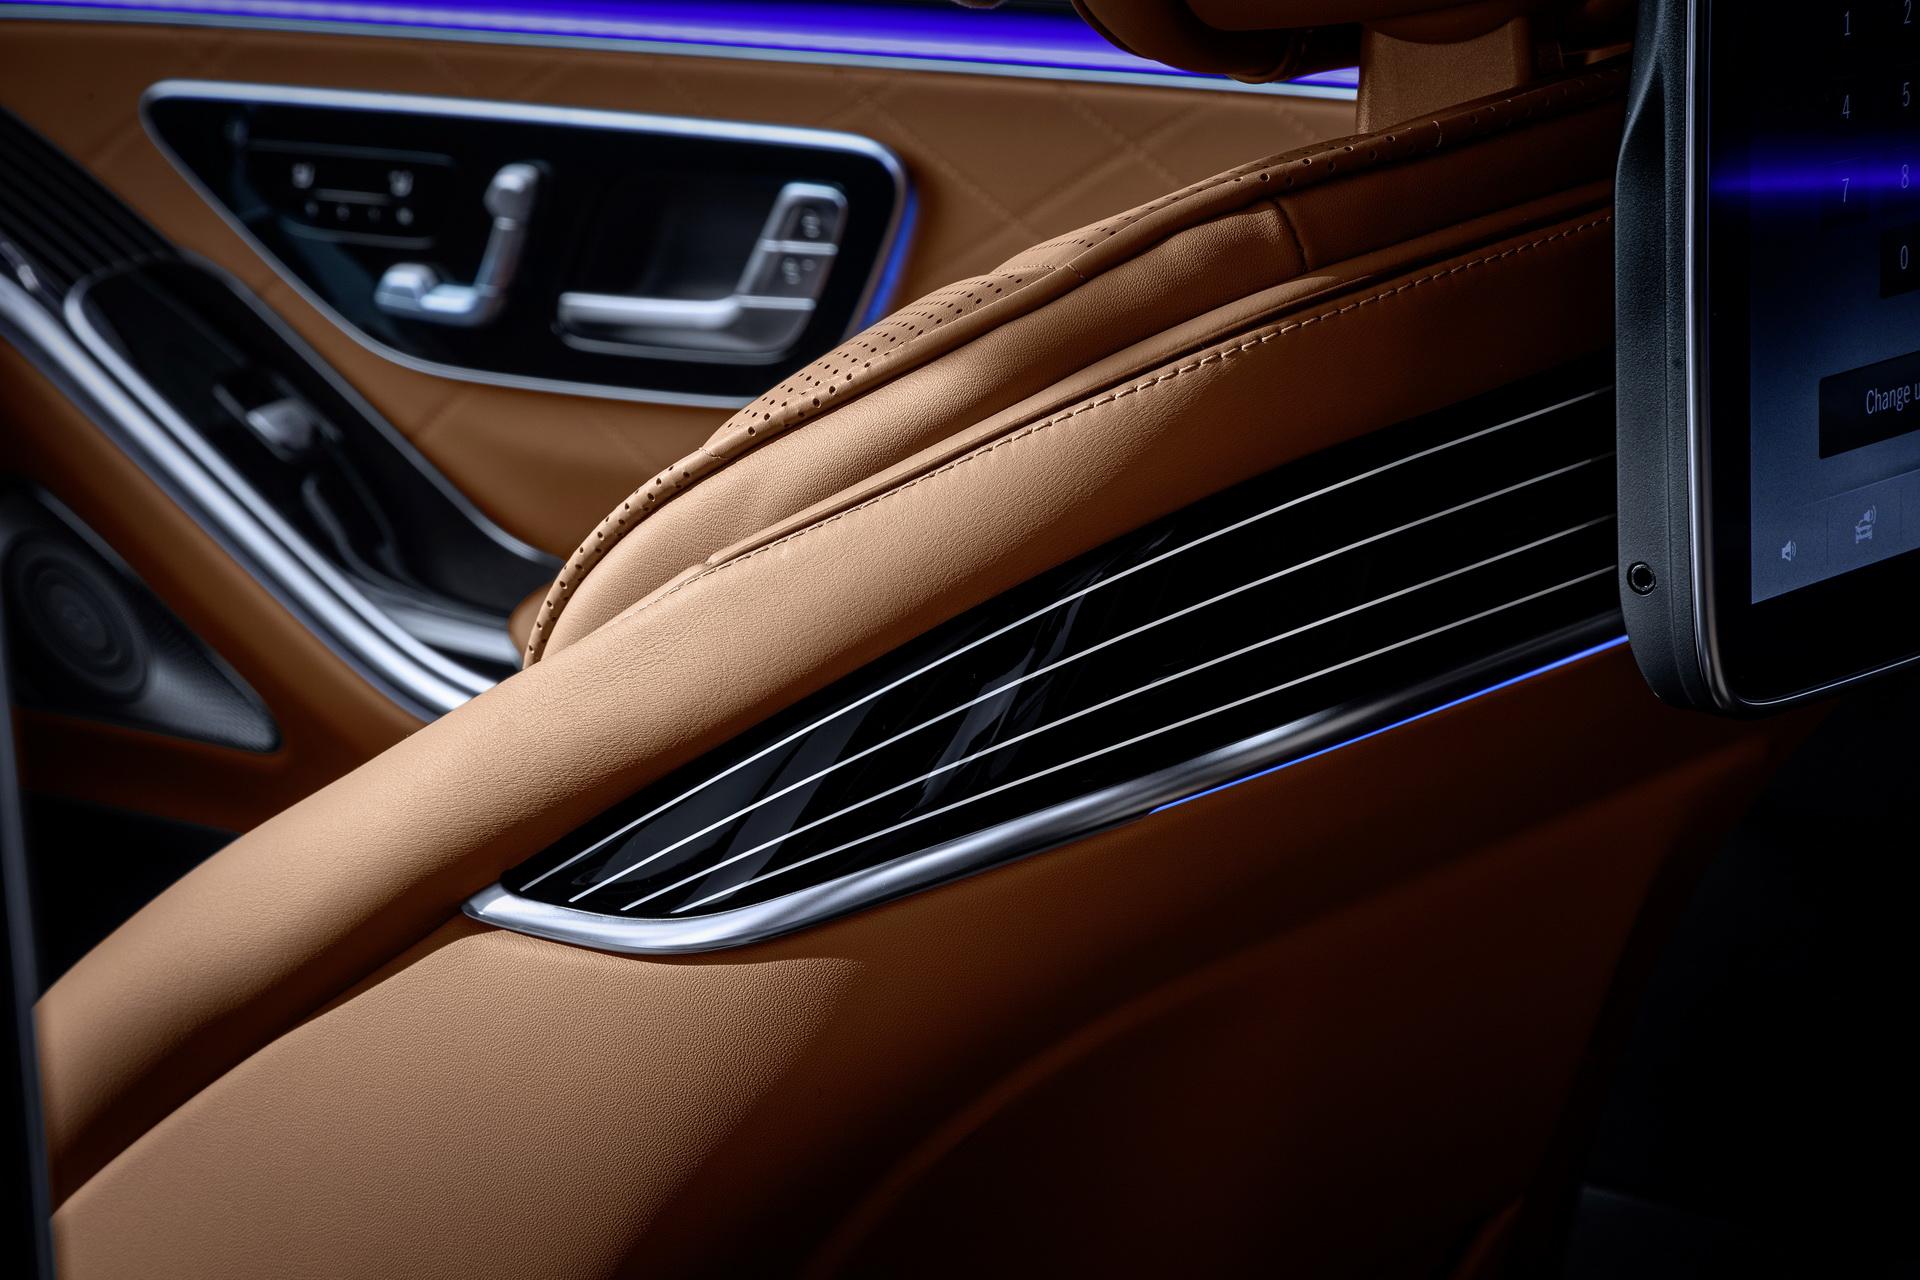 2021-mercedes-s-class-interior-6.jpg